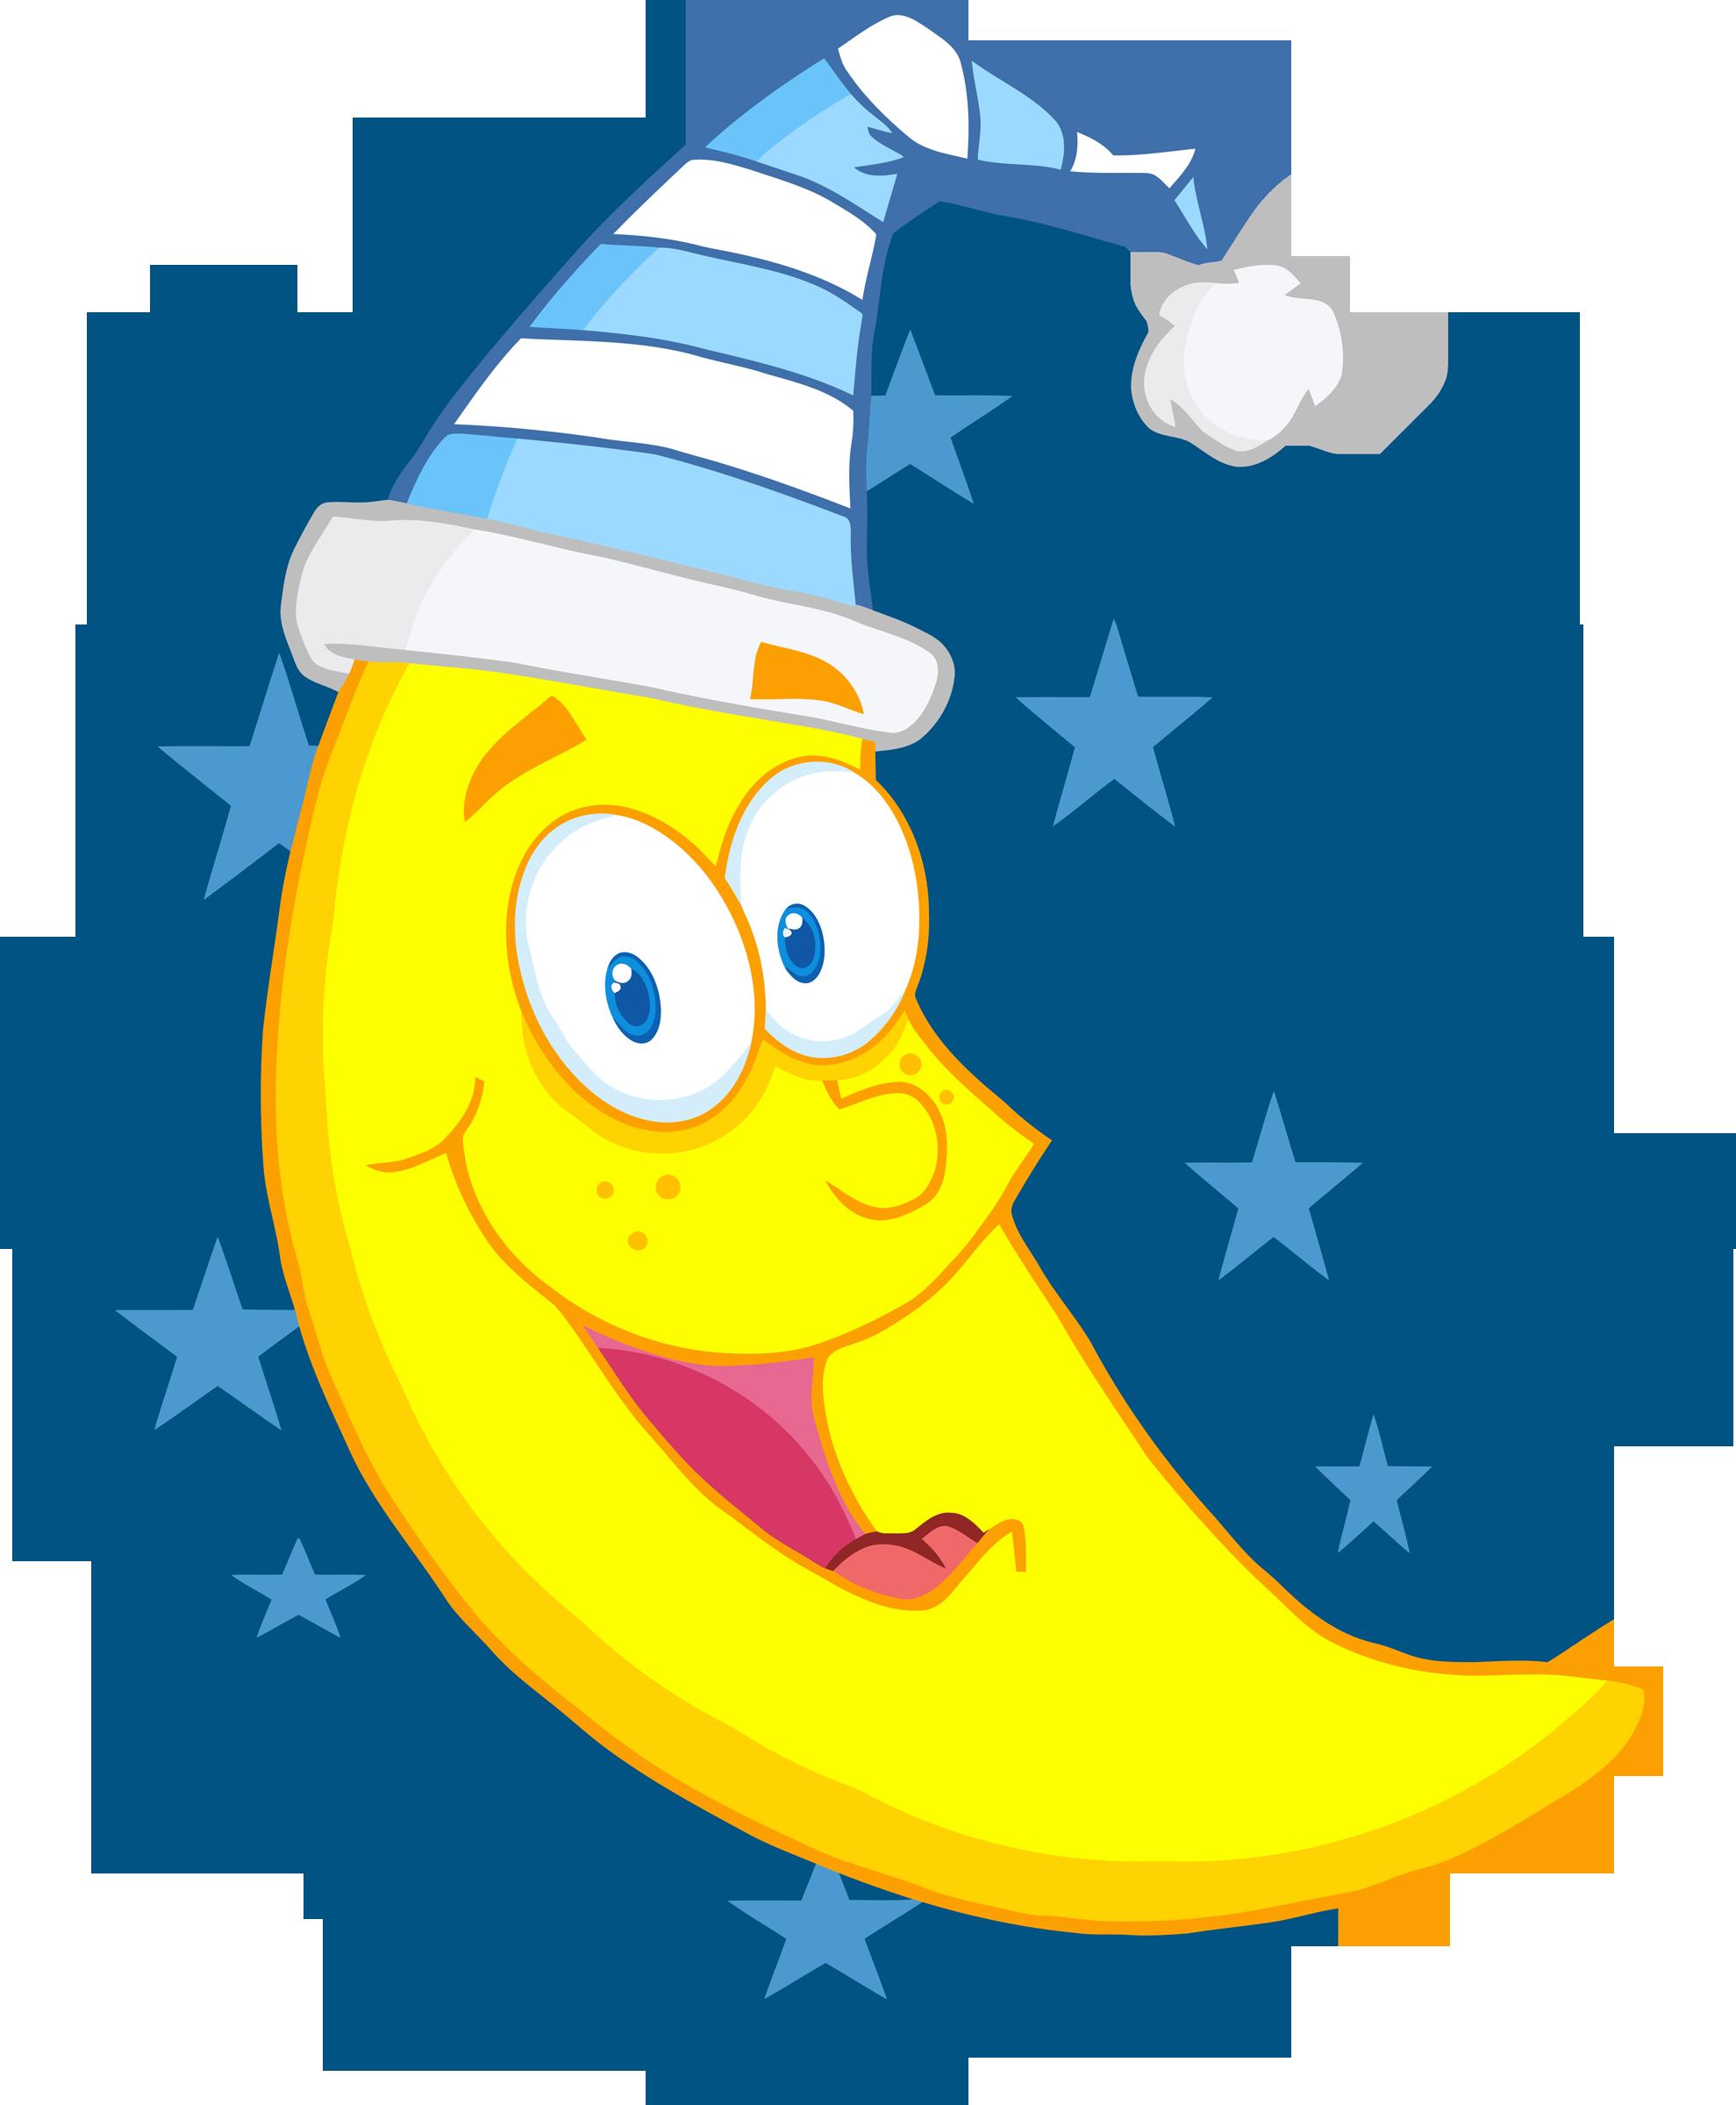 Happy moon clipart